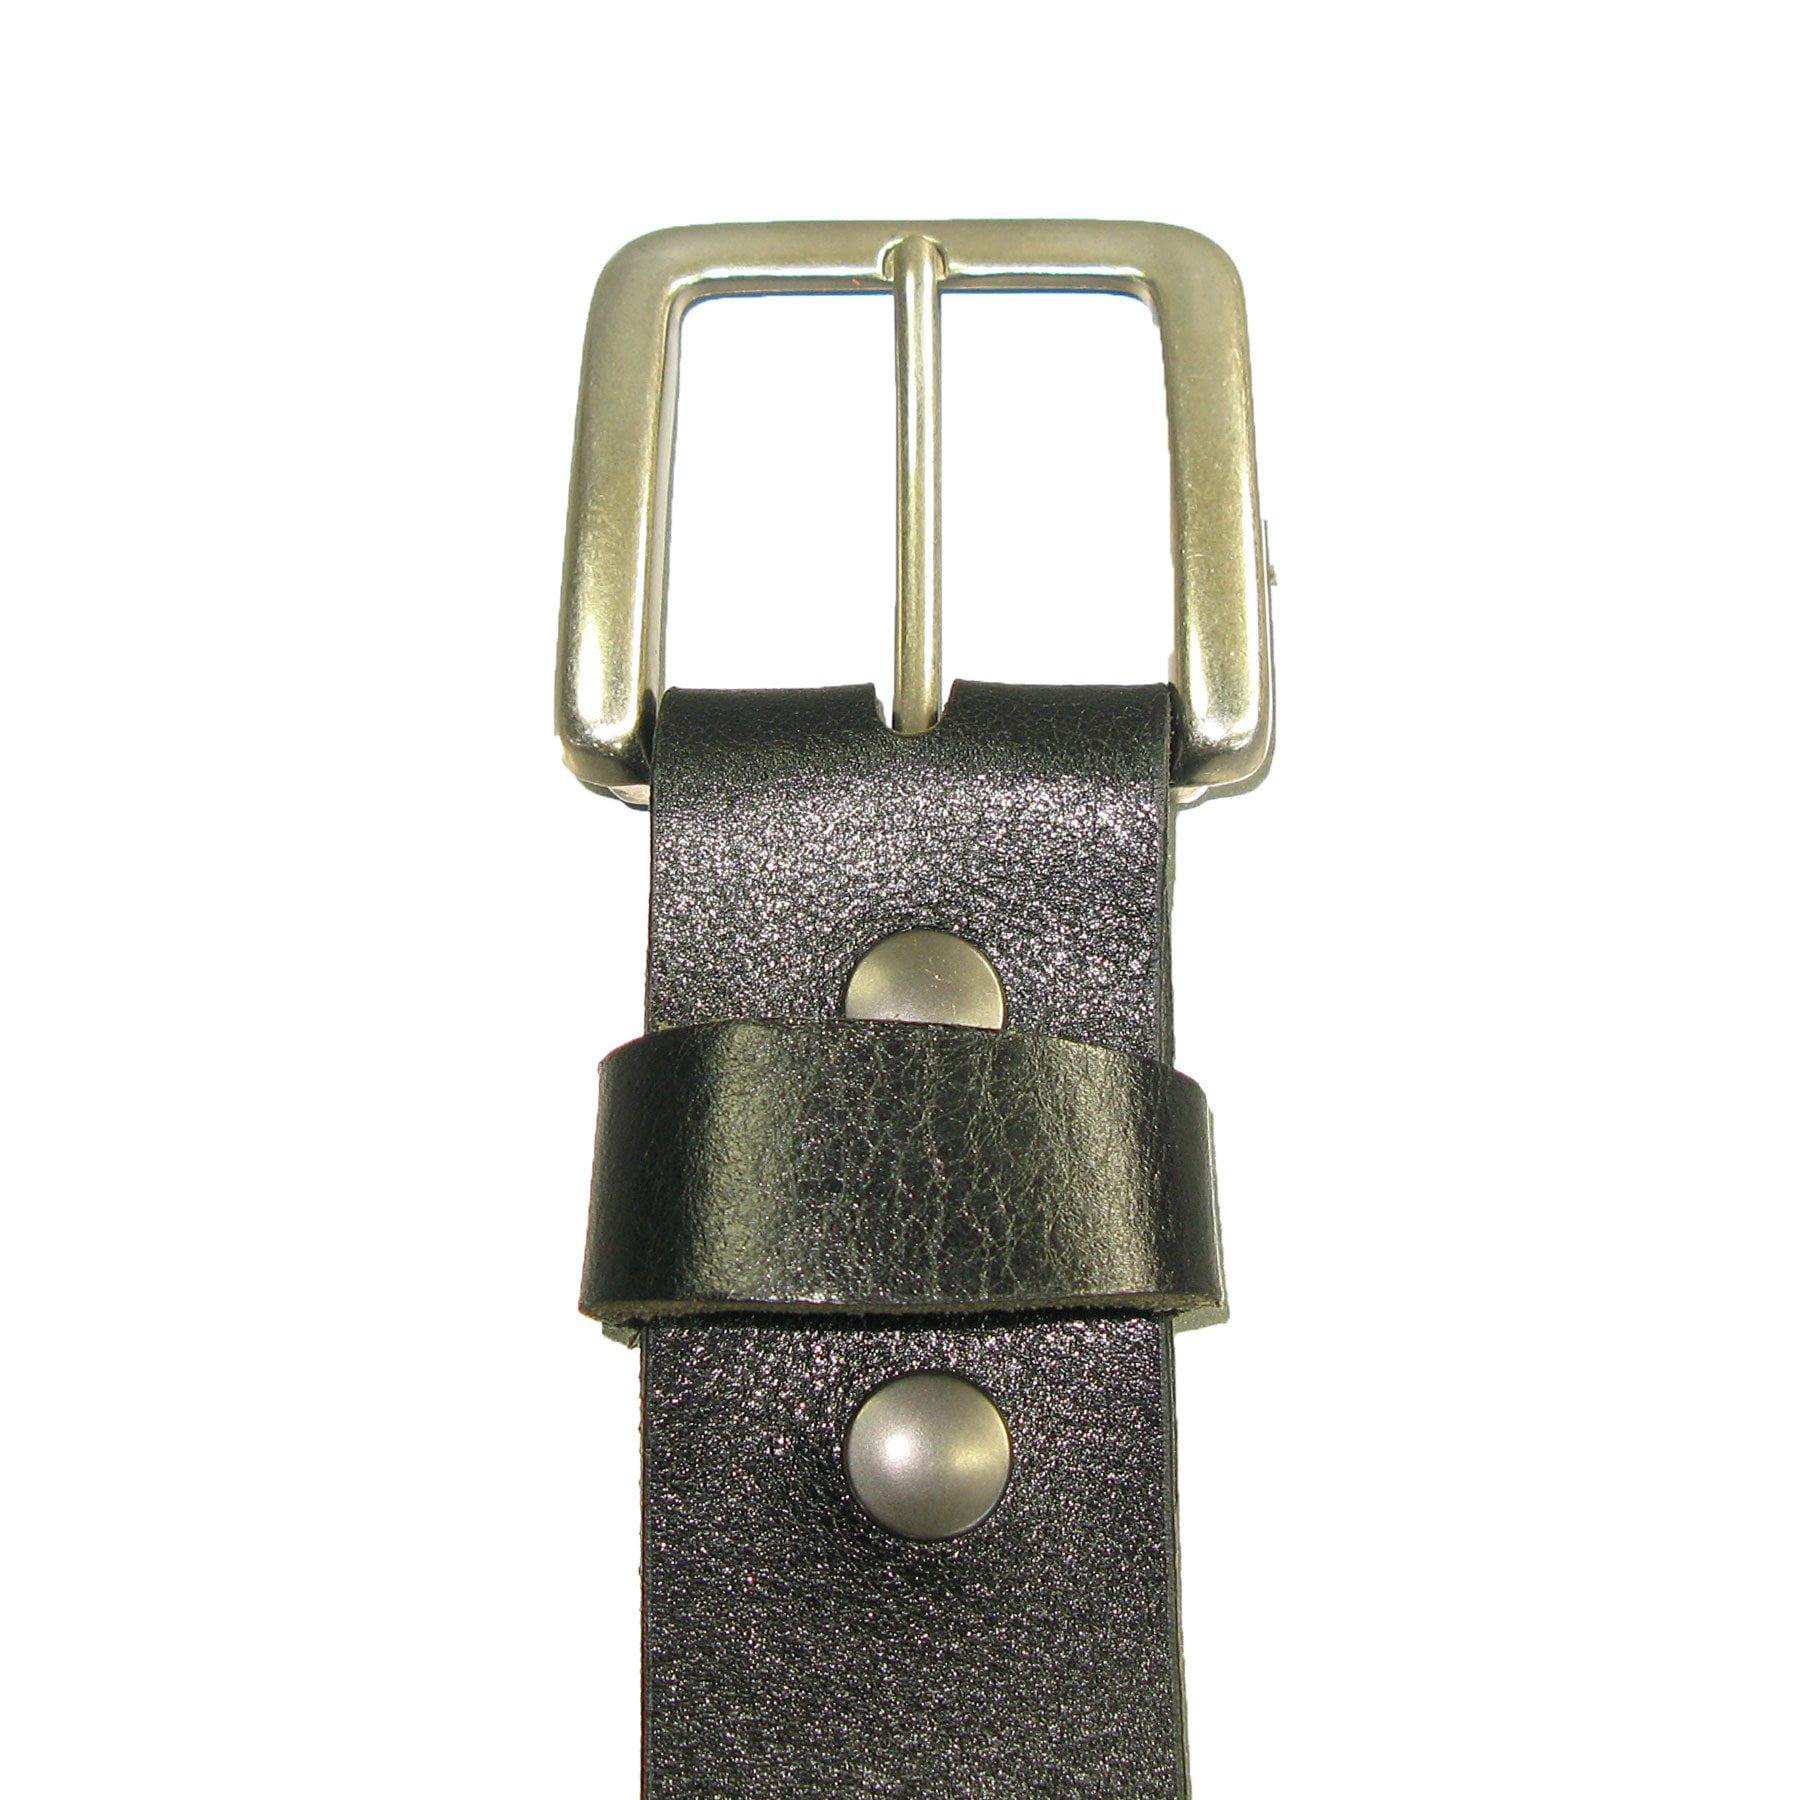 """Heel Bar Buckle 1-1/2"""" Nickel Plated Belt Buckle 1550-02 - image 3 de 4"""